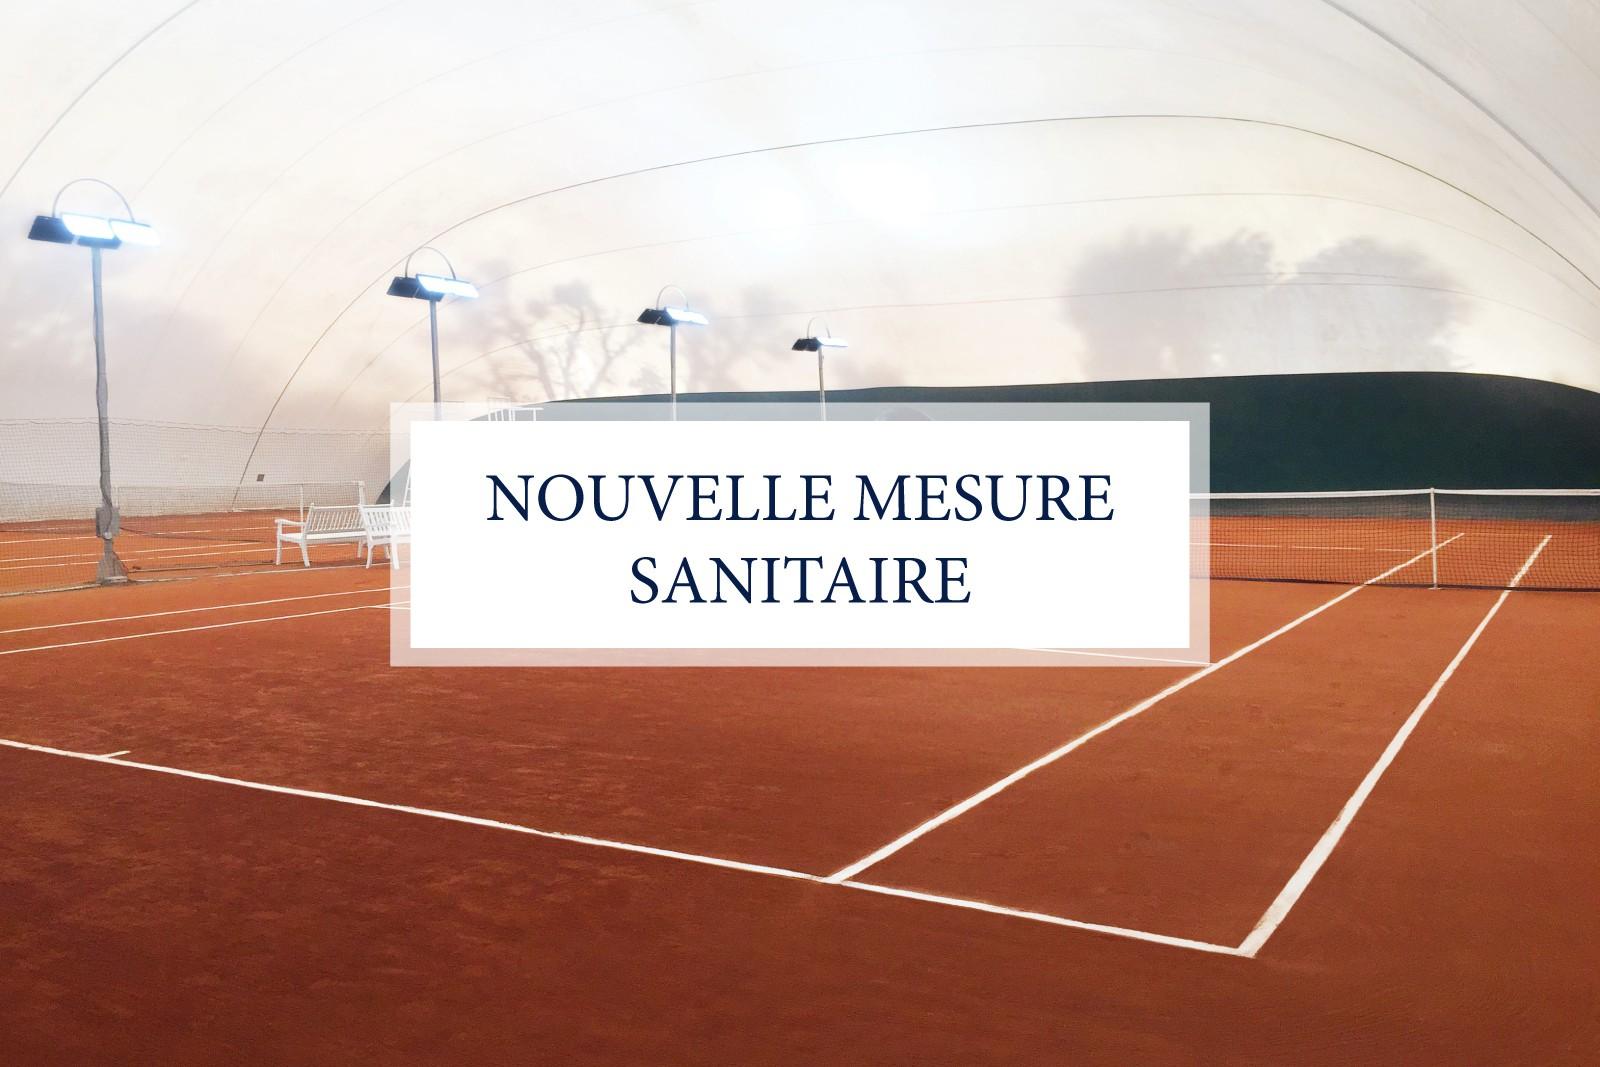 NOUVELLE MESURE SANITAIRE